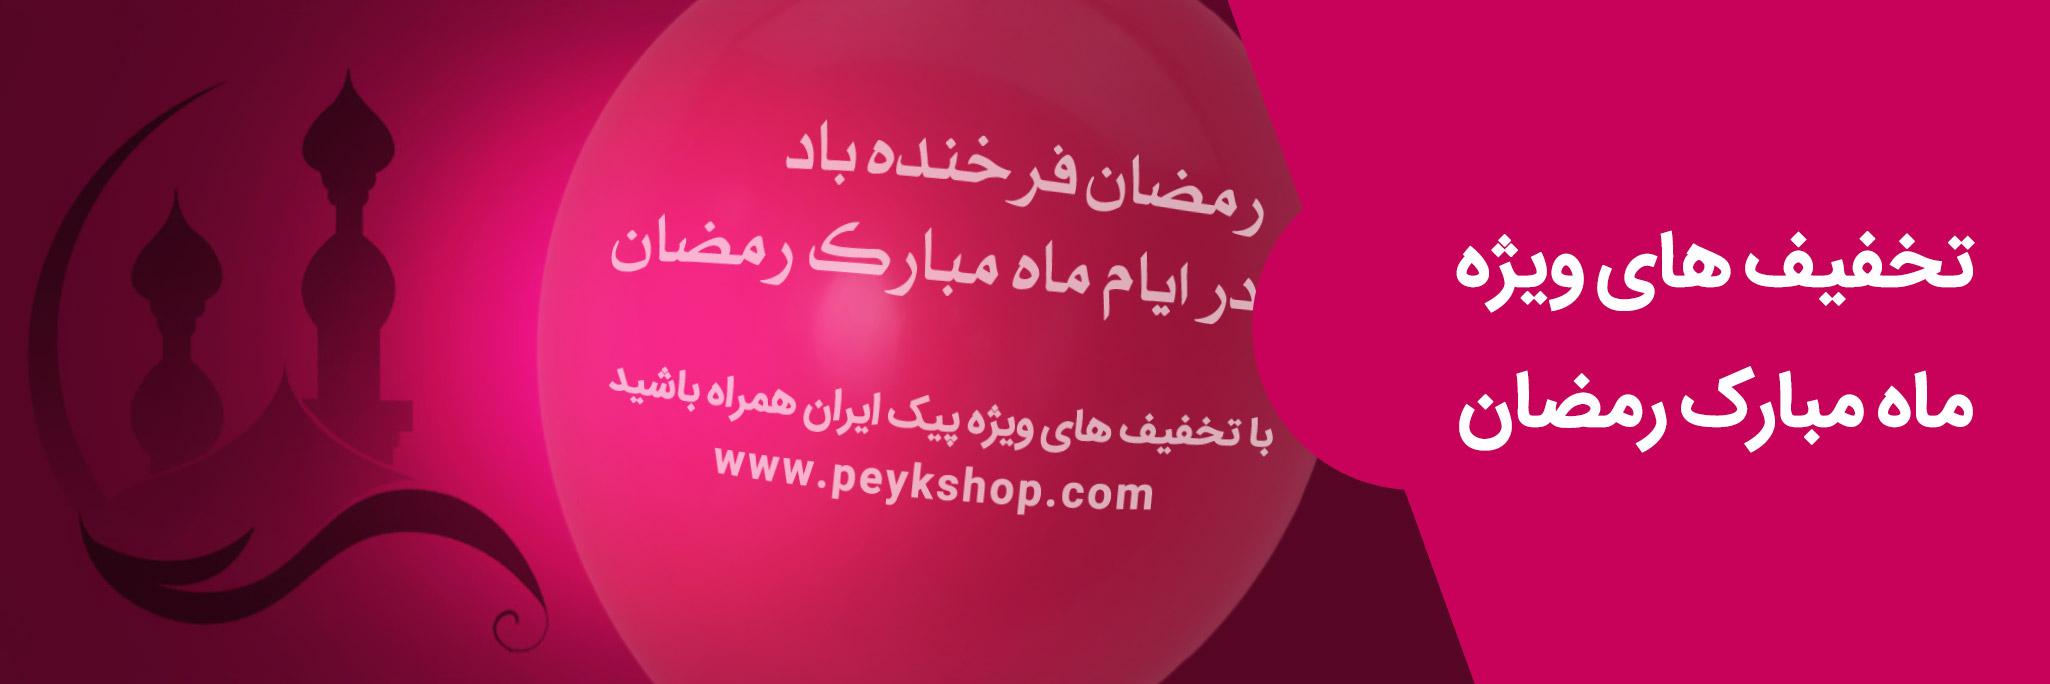 تخفیف ویژه بادکنک تبلیغاتی در ماه مبارک رمضان